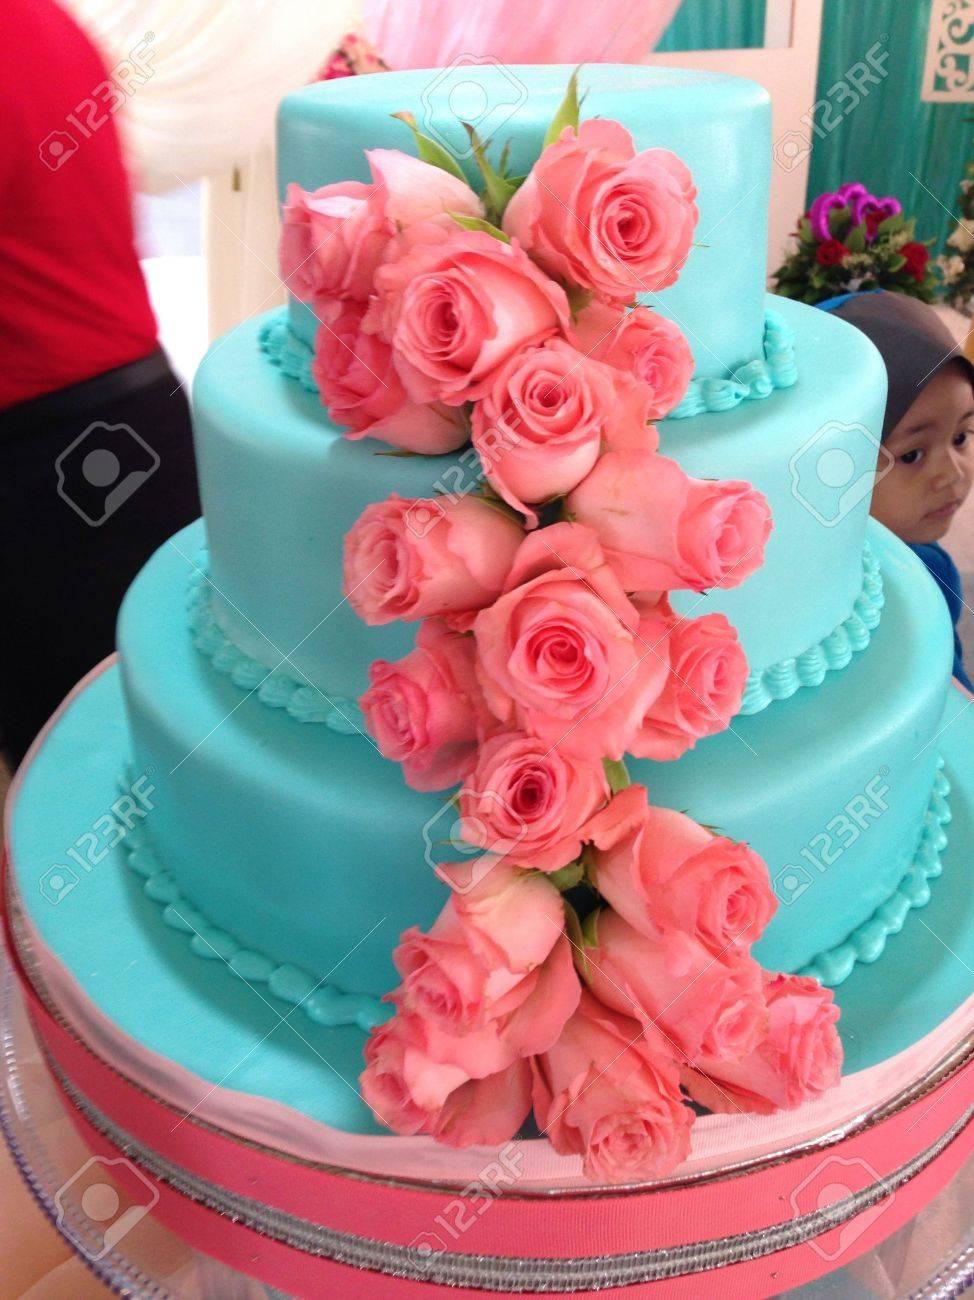 Eine Susse Blaue Hochzeitstorte Mit Rosen Lizenzfreie Fotos Bilder